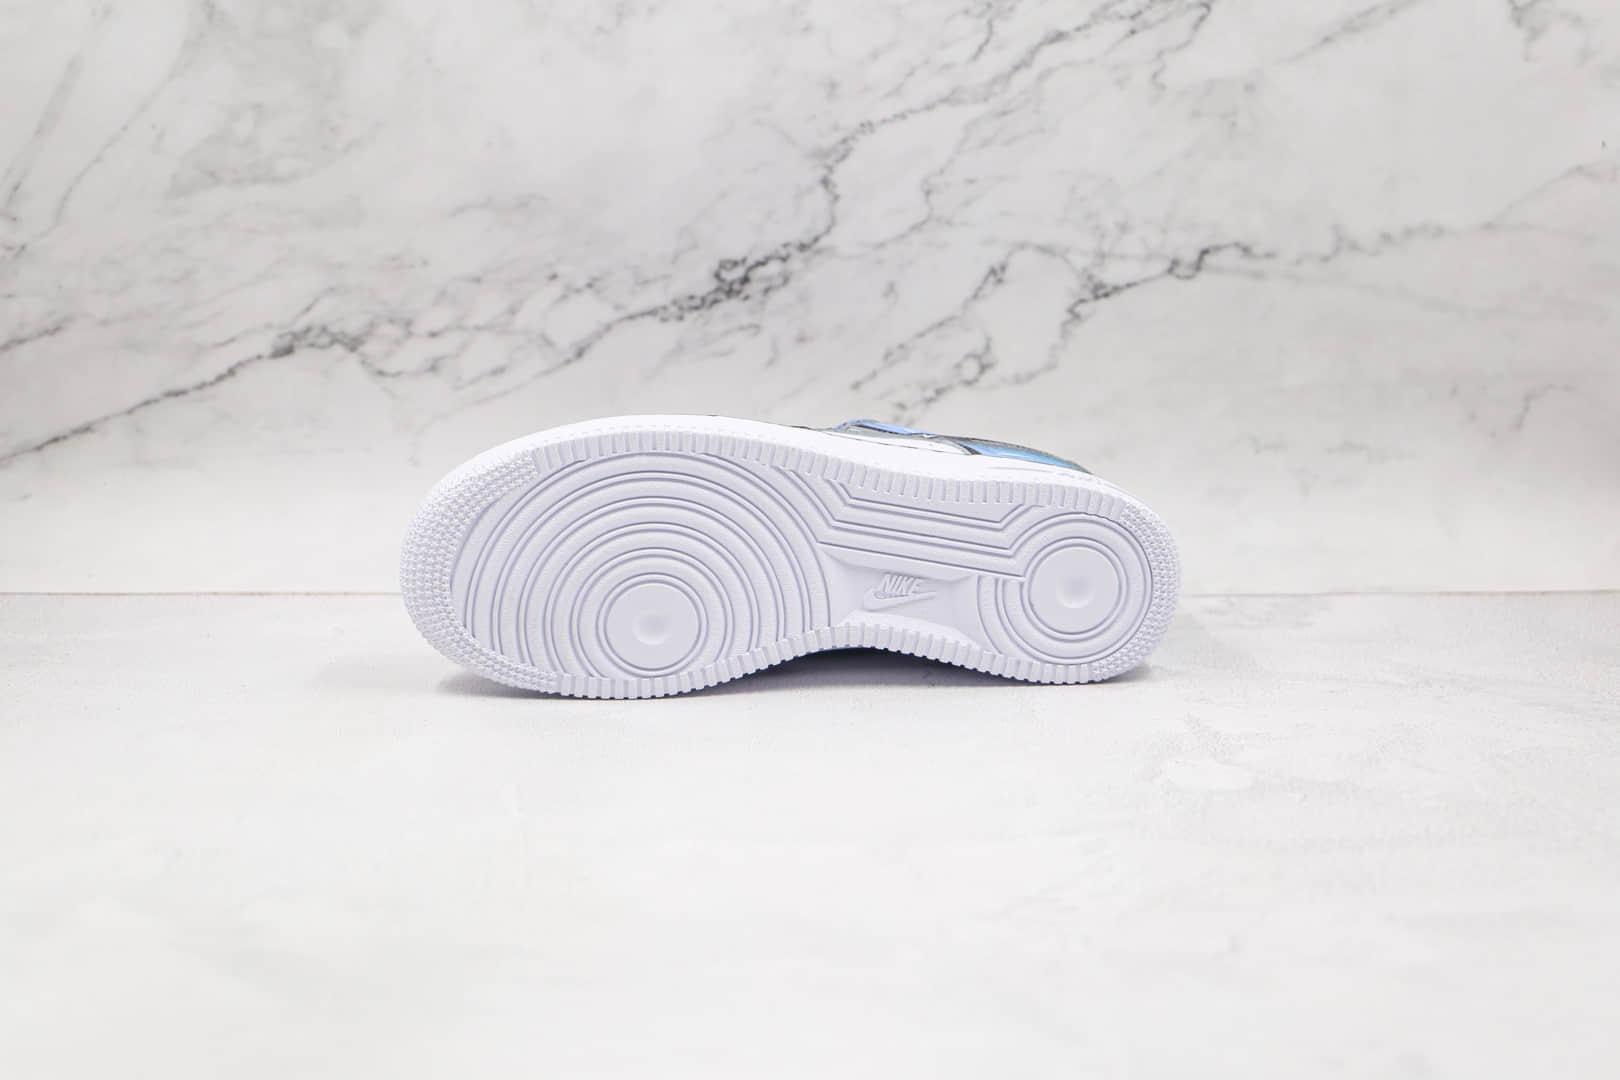 耐克Nike Air Force 1 Low 07纯原版本低帮空军一号二次元棉花糖涂鸦板鞋内置气垫 货号:CW2288-211